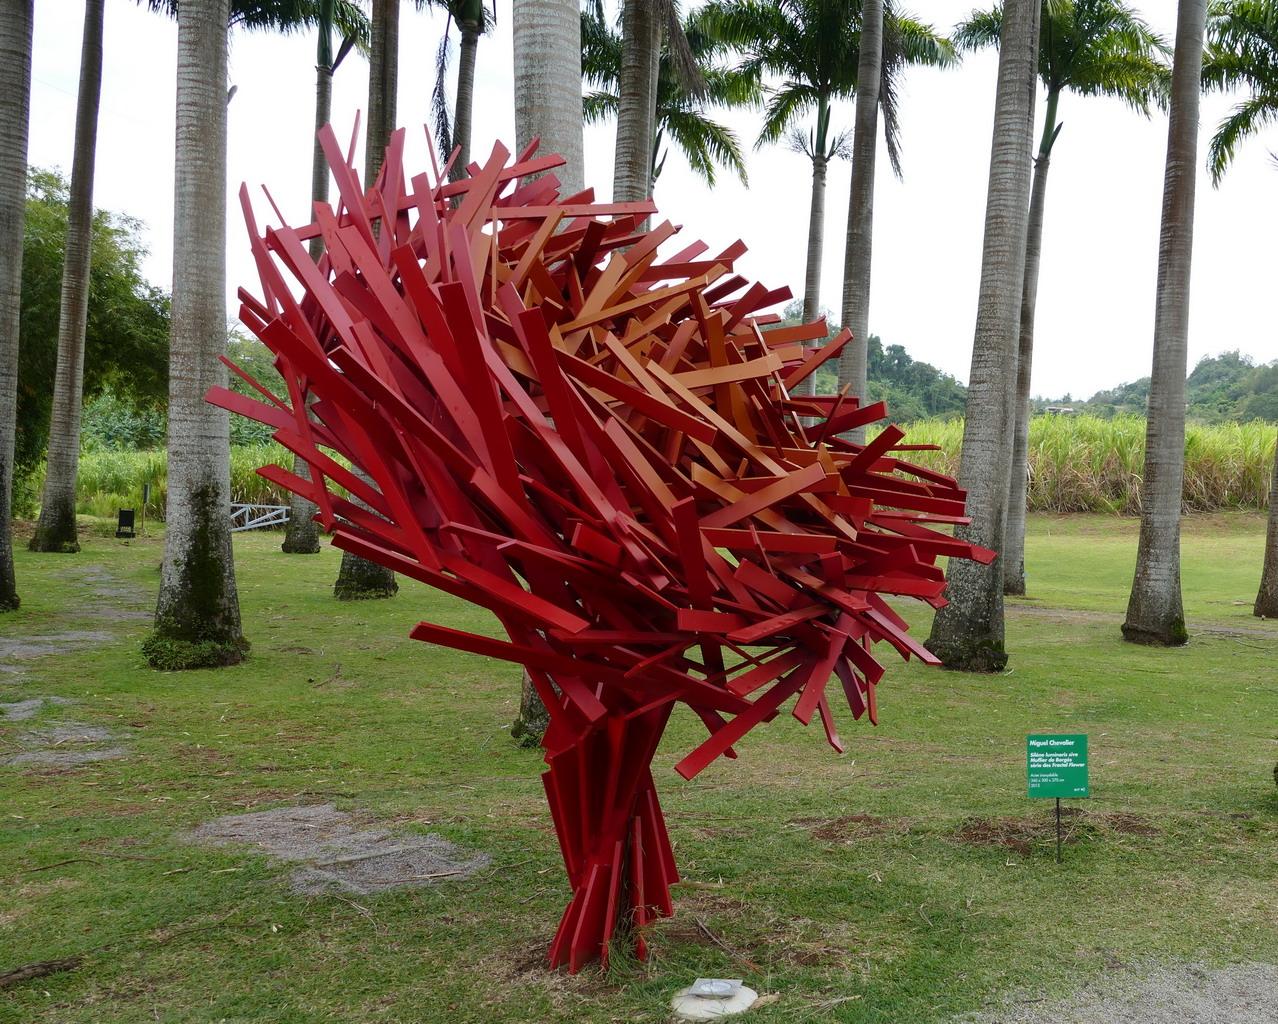 23. L'habitation Clément ; Fractal flowers, sculpture de Miguel Chevalier